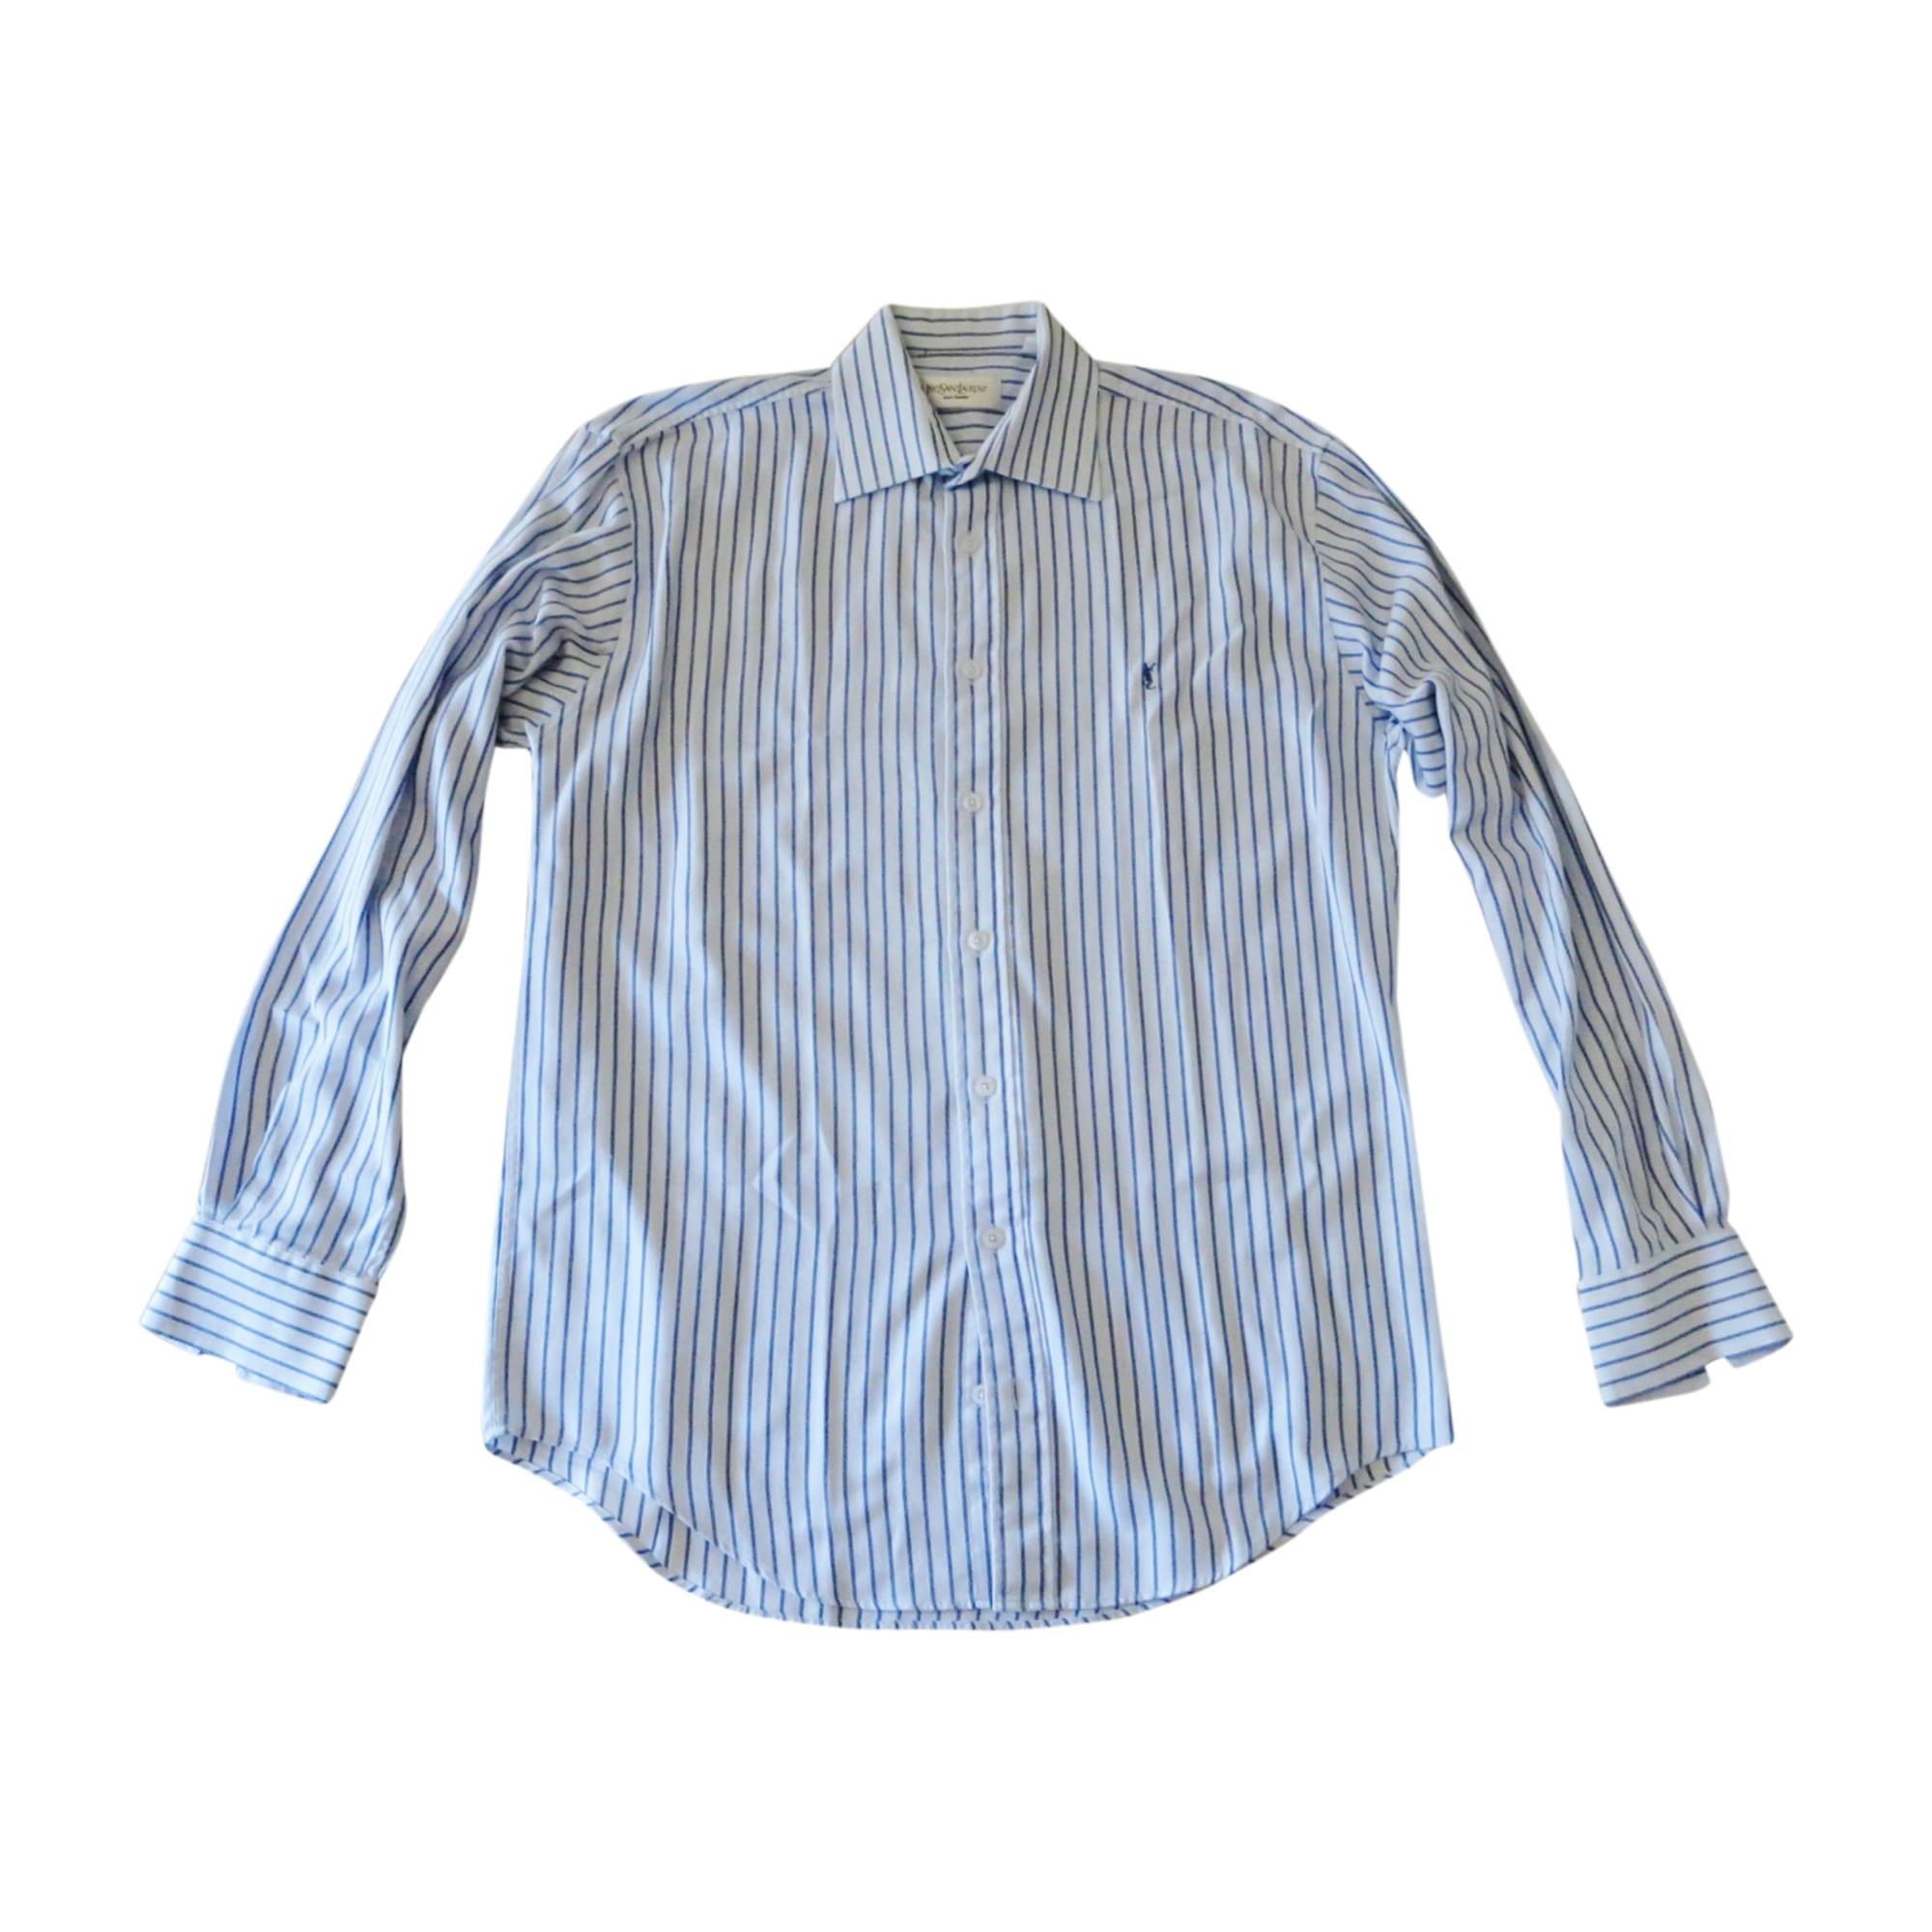 chemise yves saint laurent 41 42 l blanc vendu par. Black Bedroom Furniture Sets. Home Design Ideas